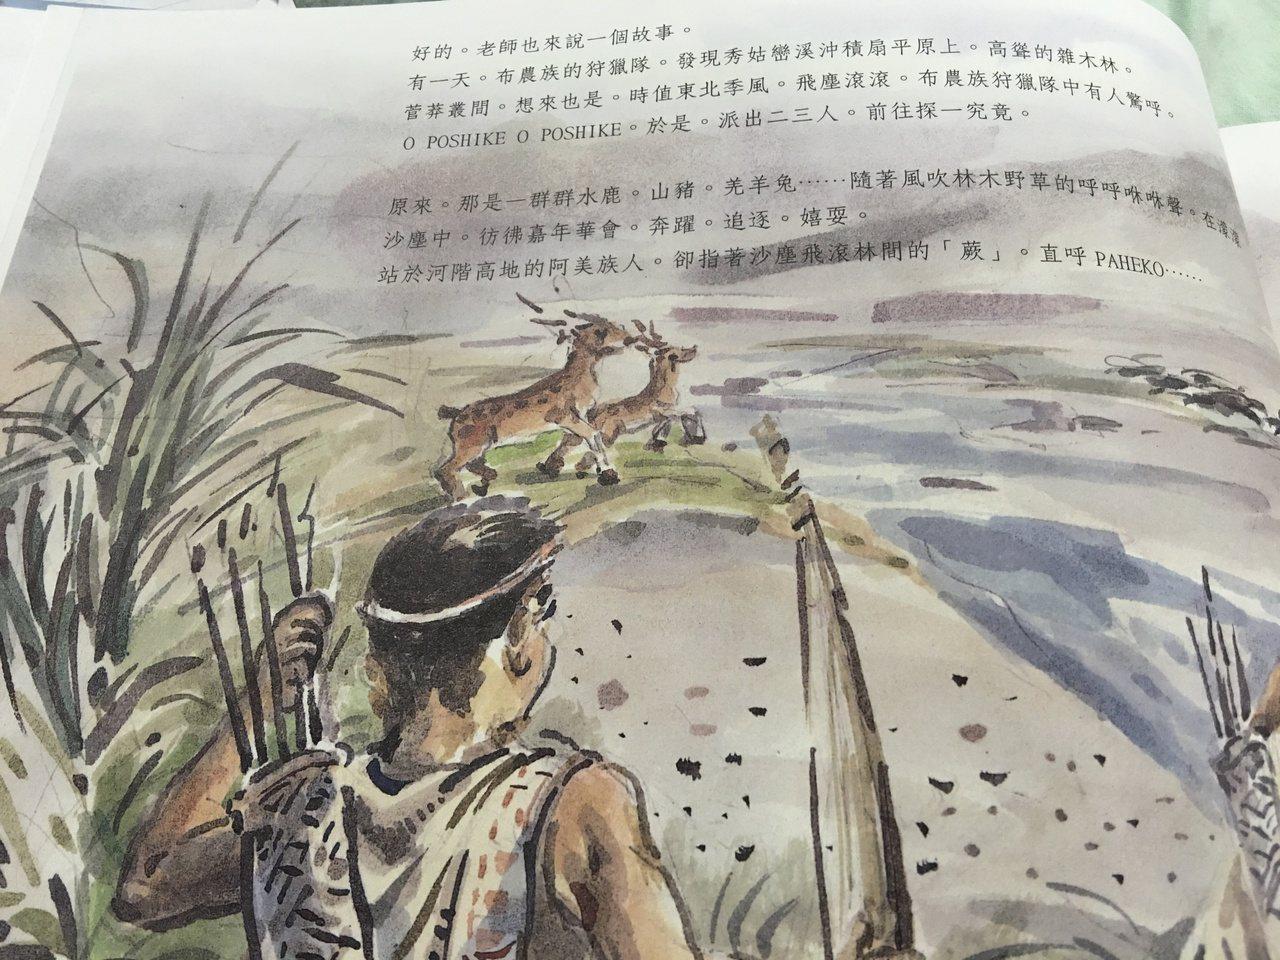 玉里鎮公所製作繪本「啊璞石閣~哇玉里」,以繪本方式呈現玉里歷史發展。記者陳麗婷/...